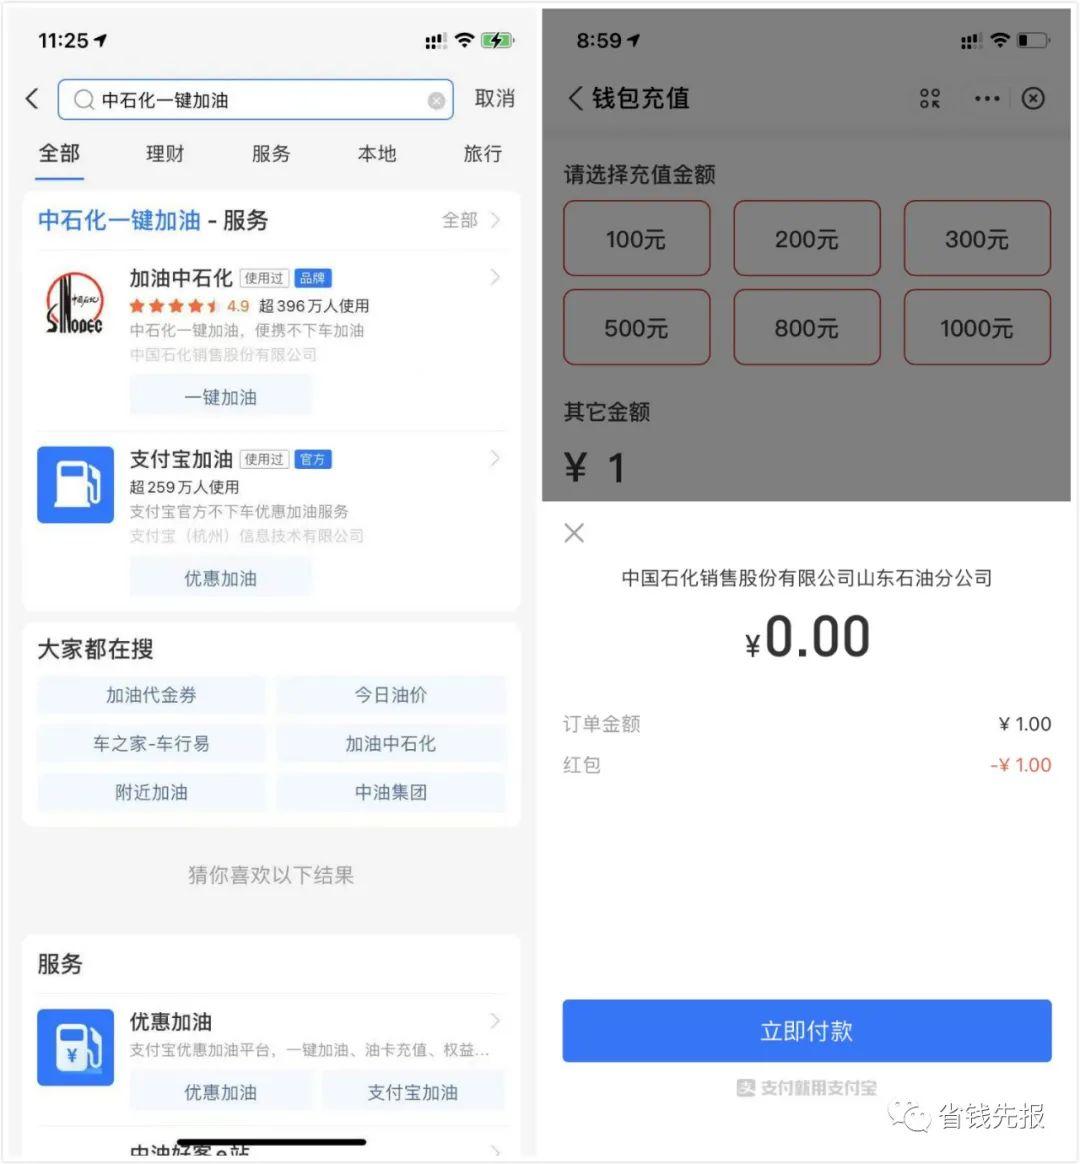 加油优惠券35元中石化9-99元!